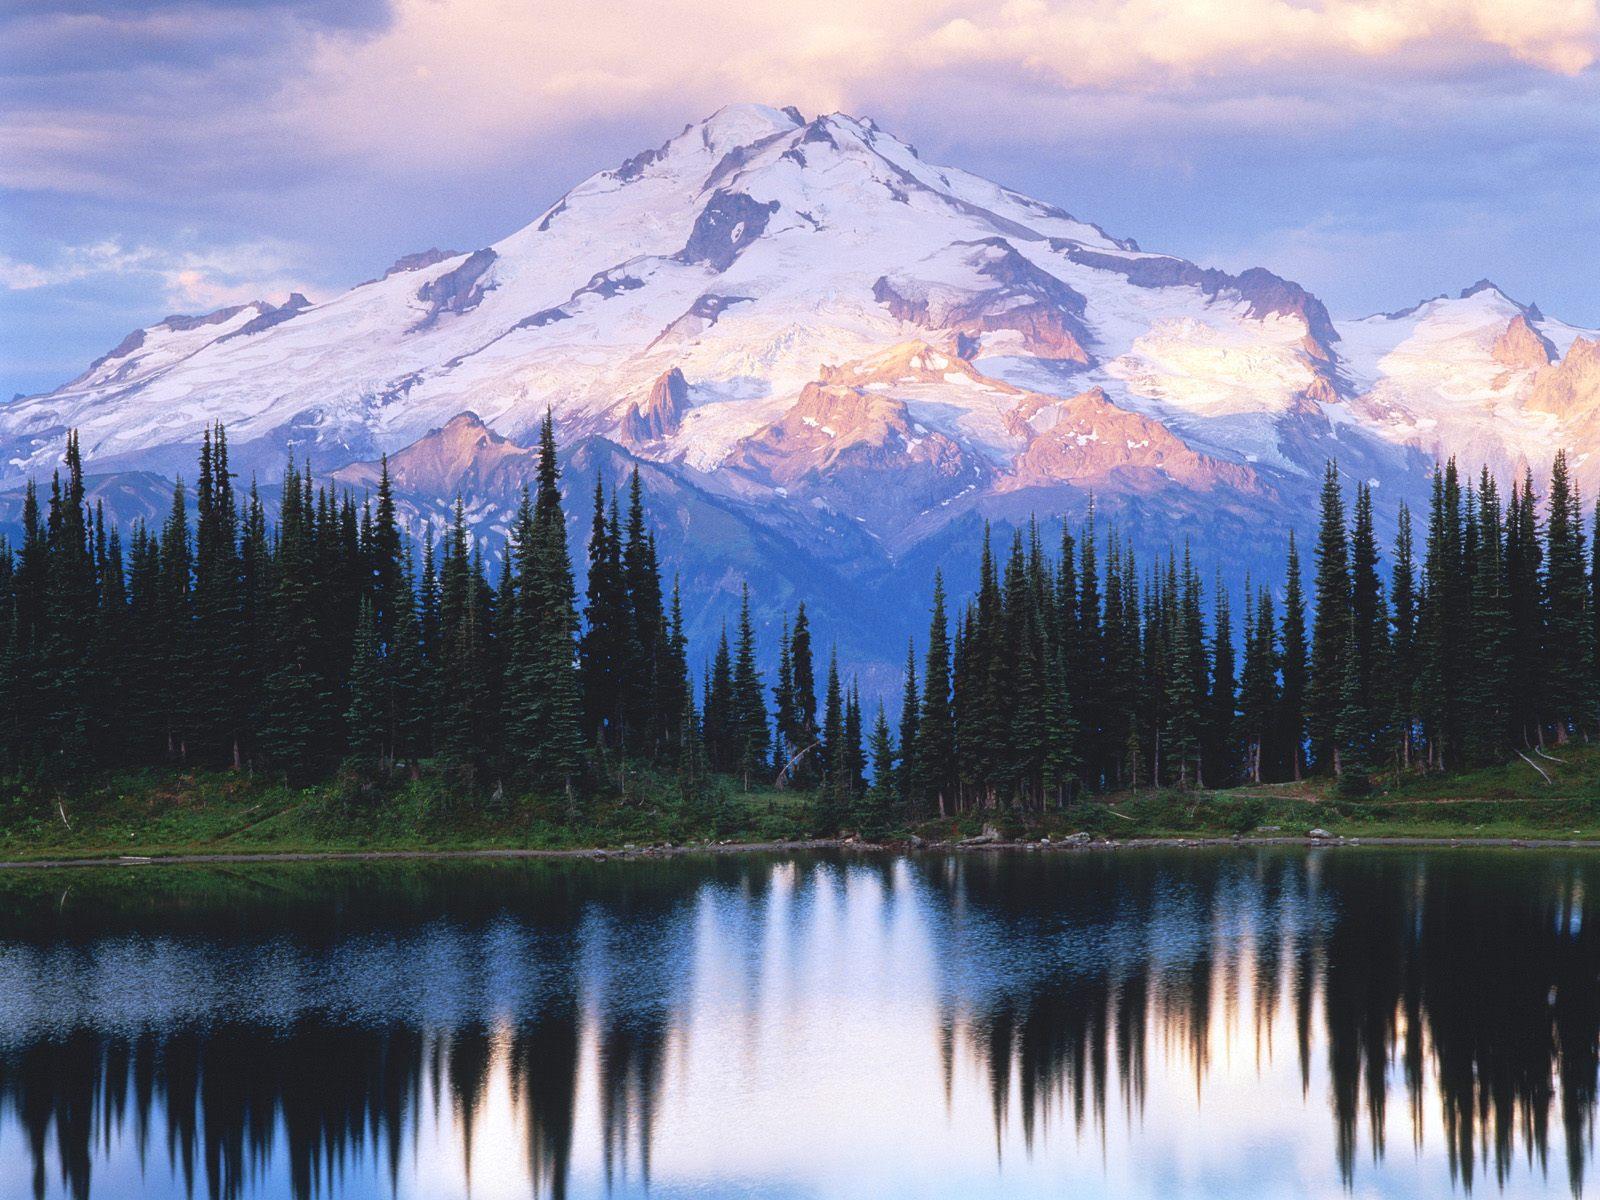 Cảnh thiên nhiên đẹp núi tuyết và rừng thông